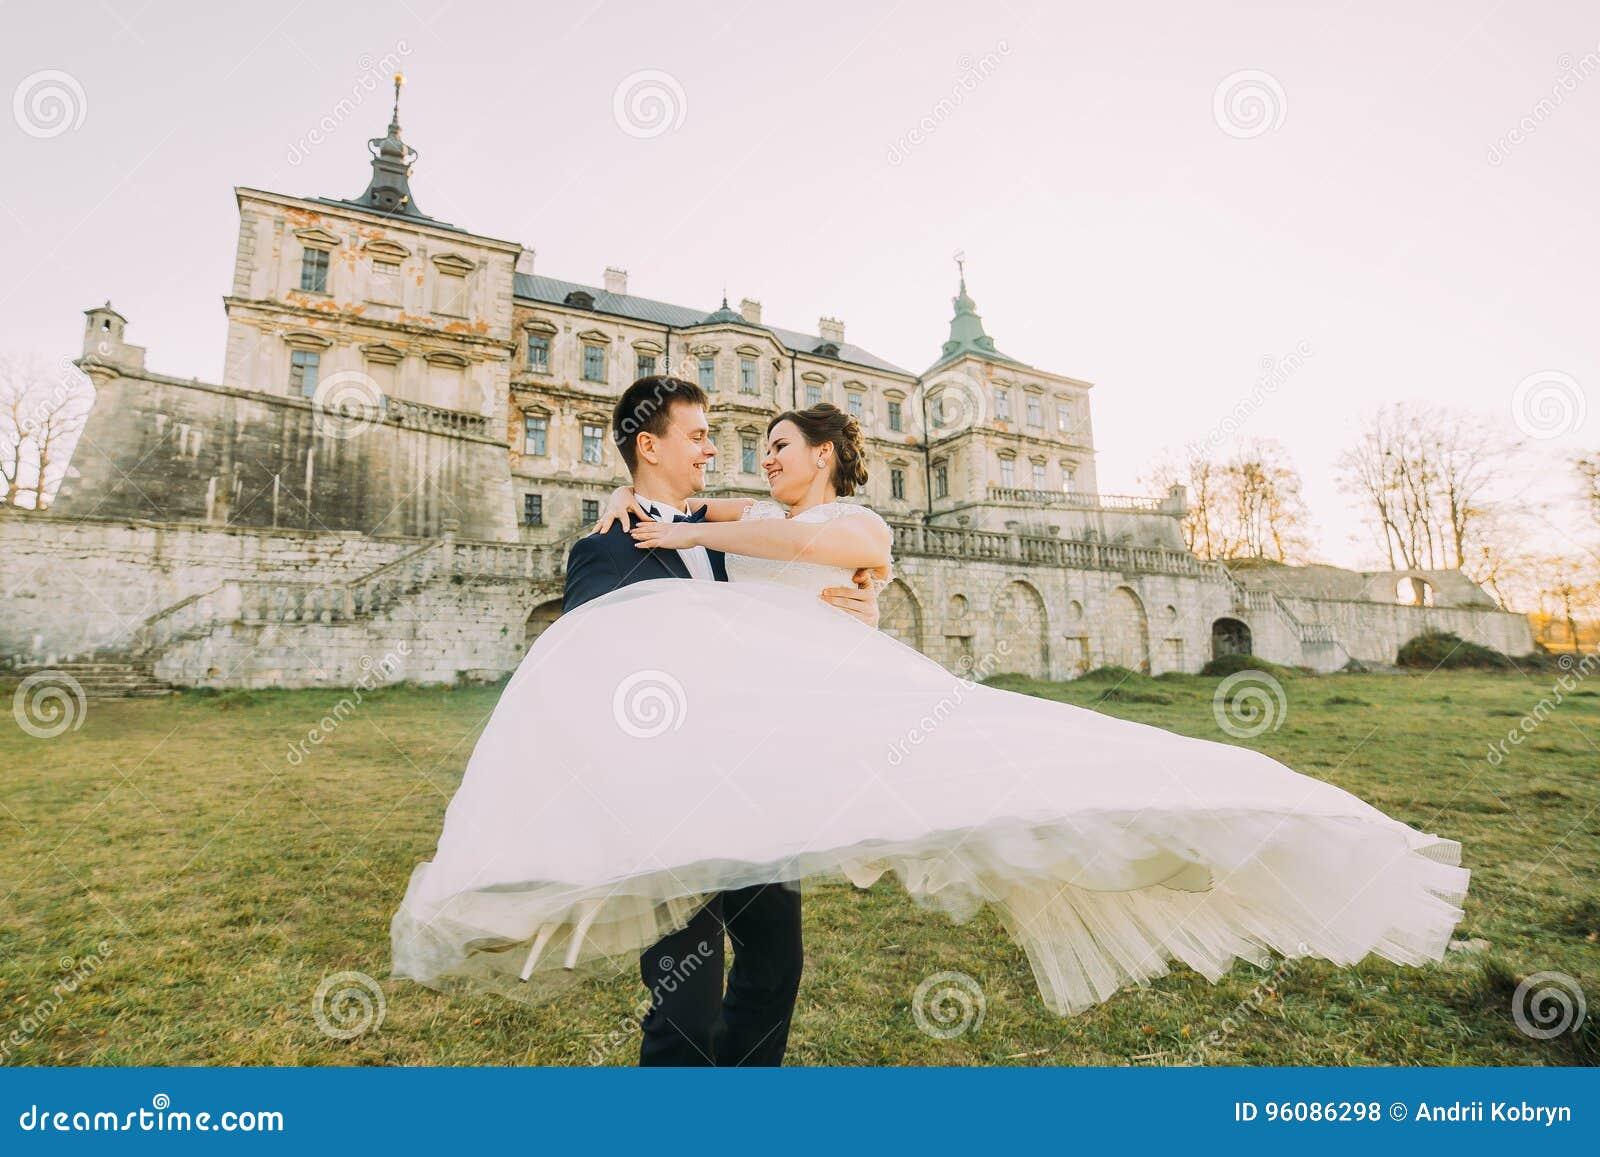 Porträt im Freien vom netten gerade geheiratet am Hintergrund des antiken Palastes Der Bräutigam spinnt die Braut